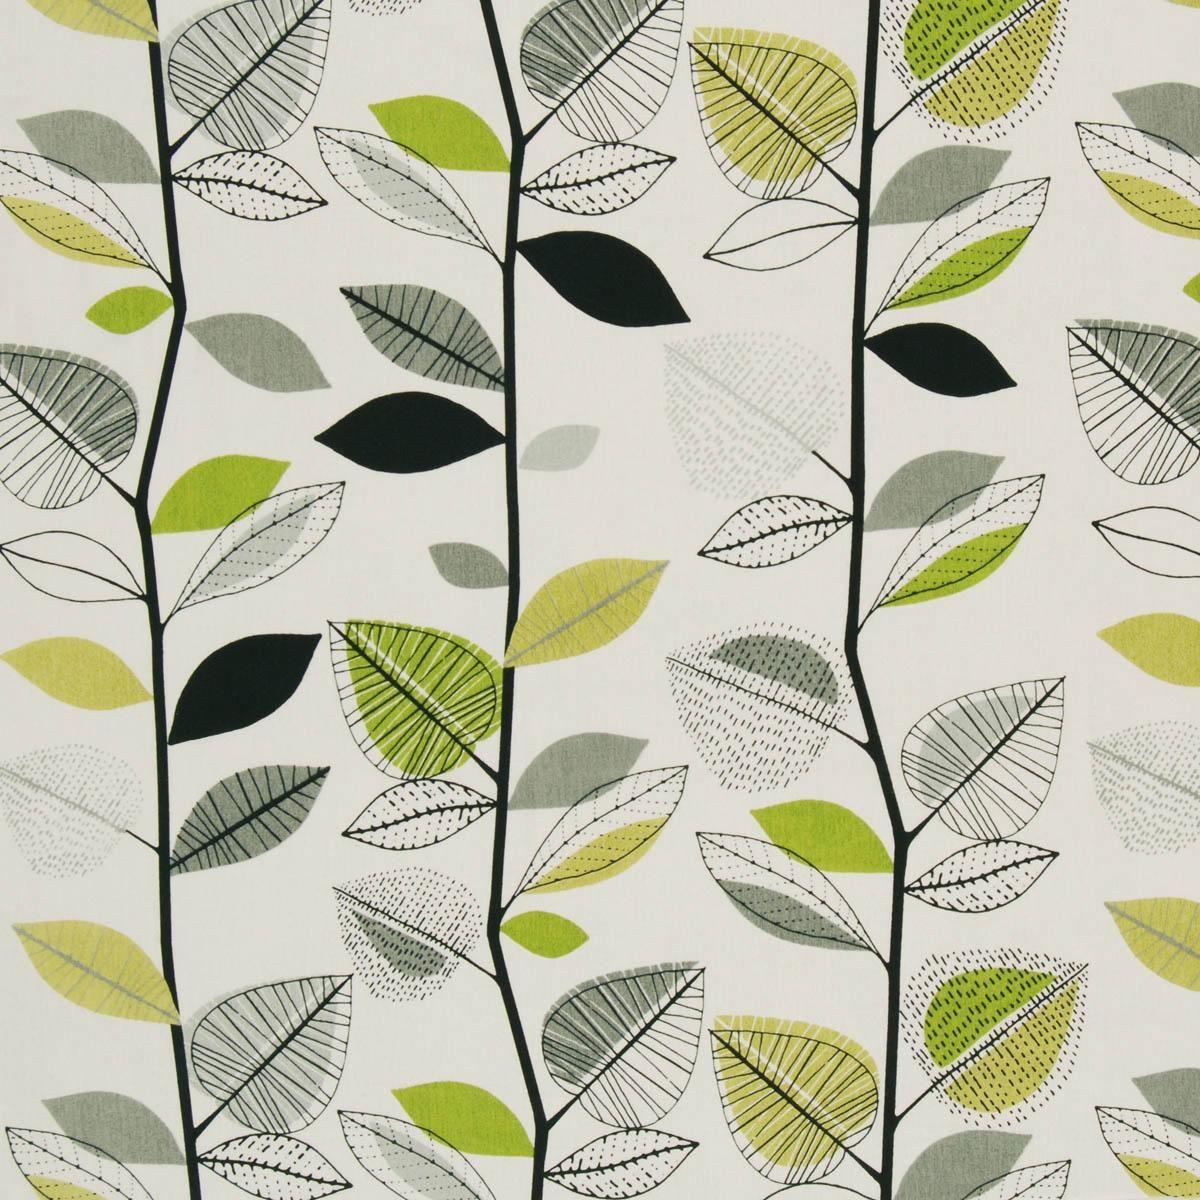 Autumn Leaves Curtain Fabric Lime | Cheap Prints & Checks Curtain ...